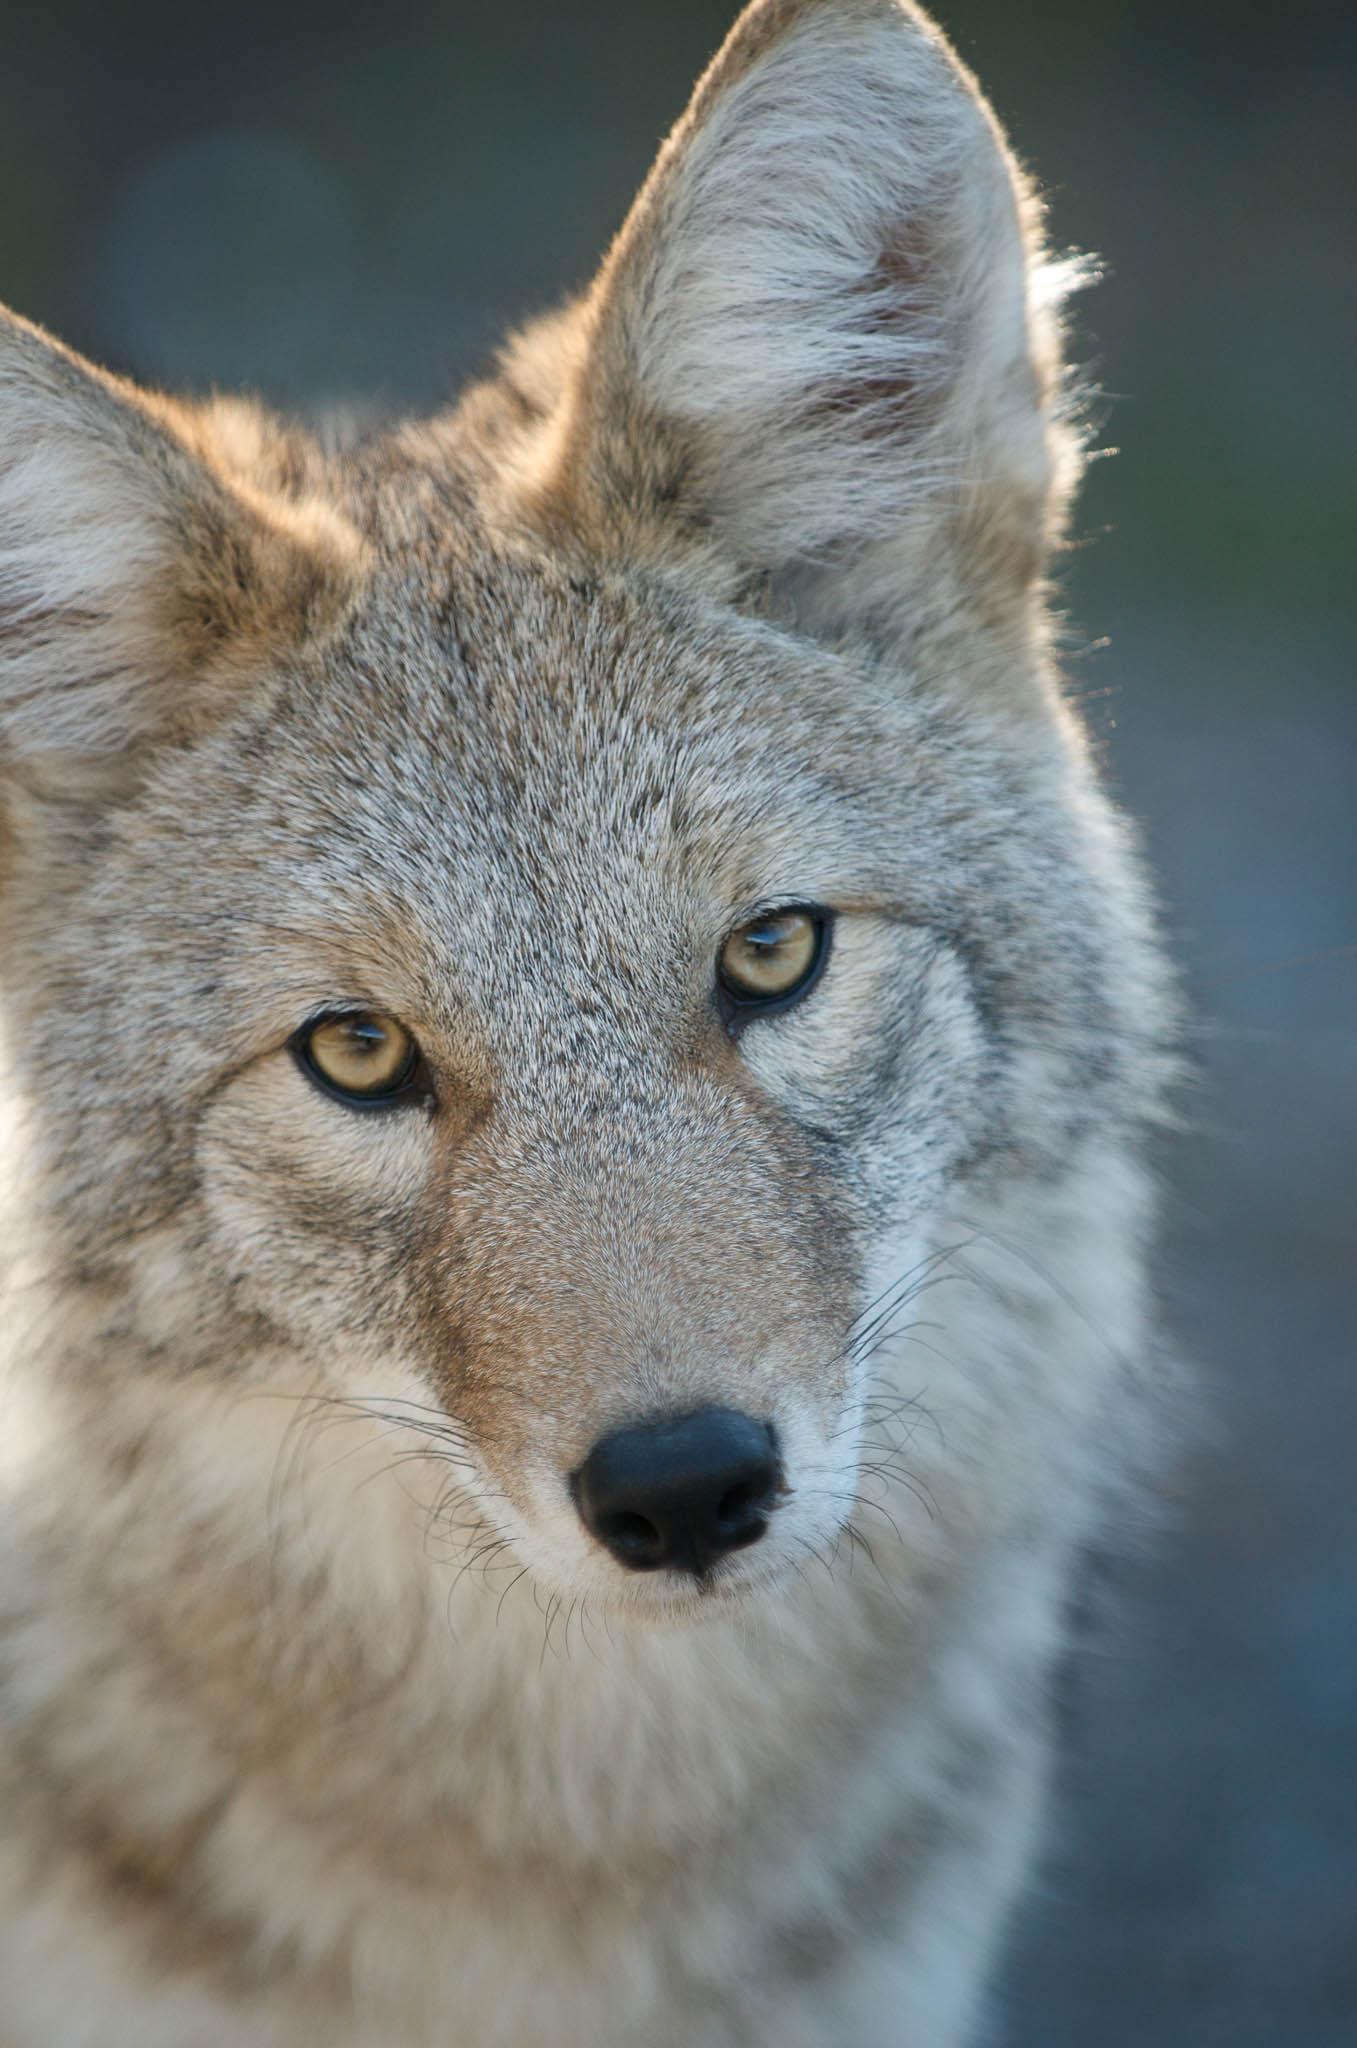 Wildlife Photo Tip #8: Nail the Eyes